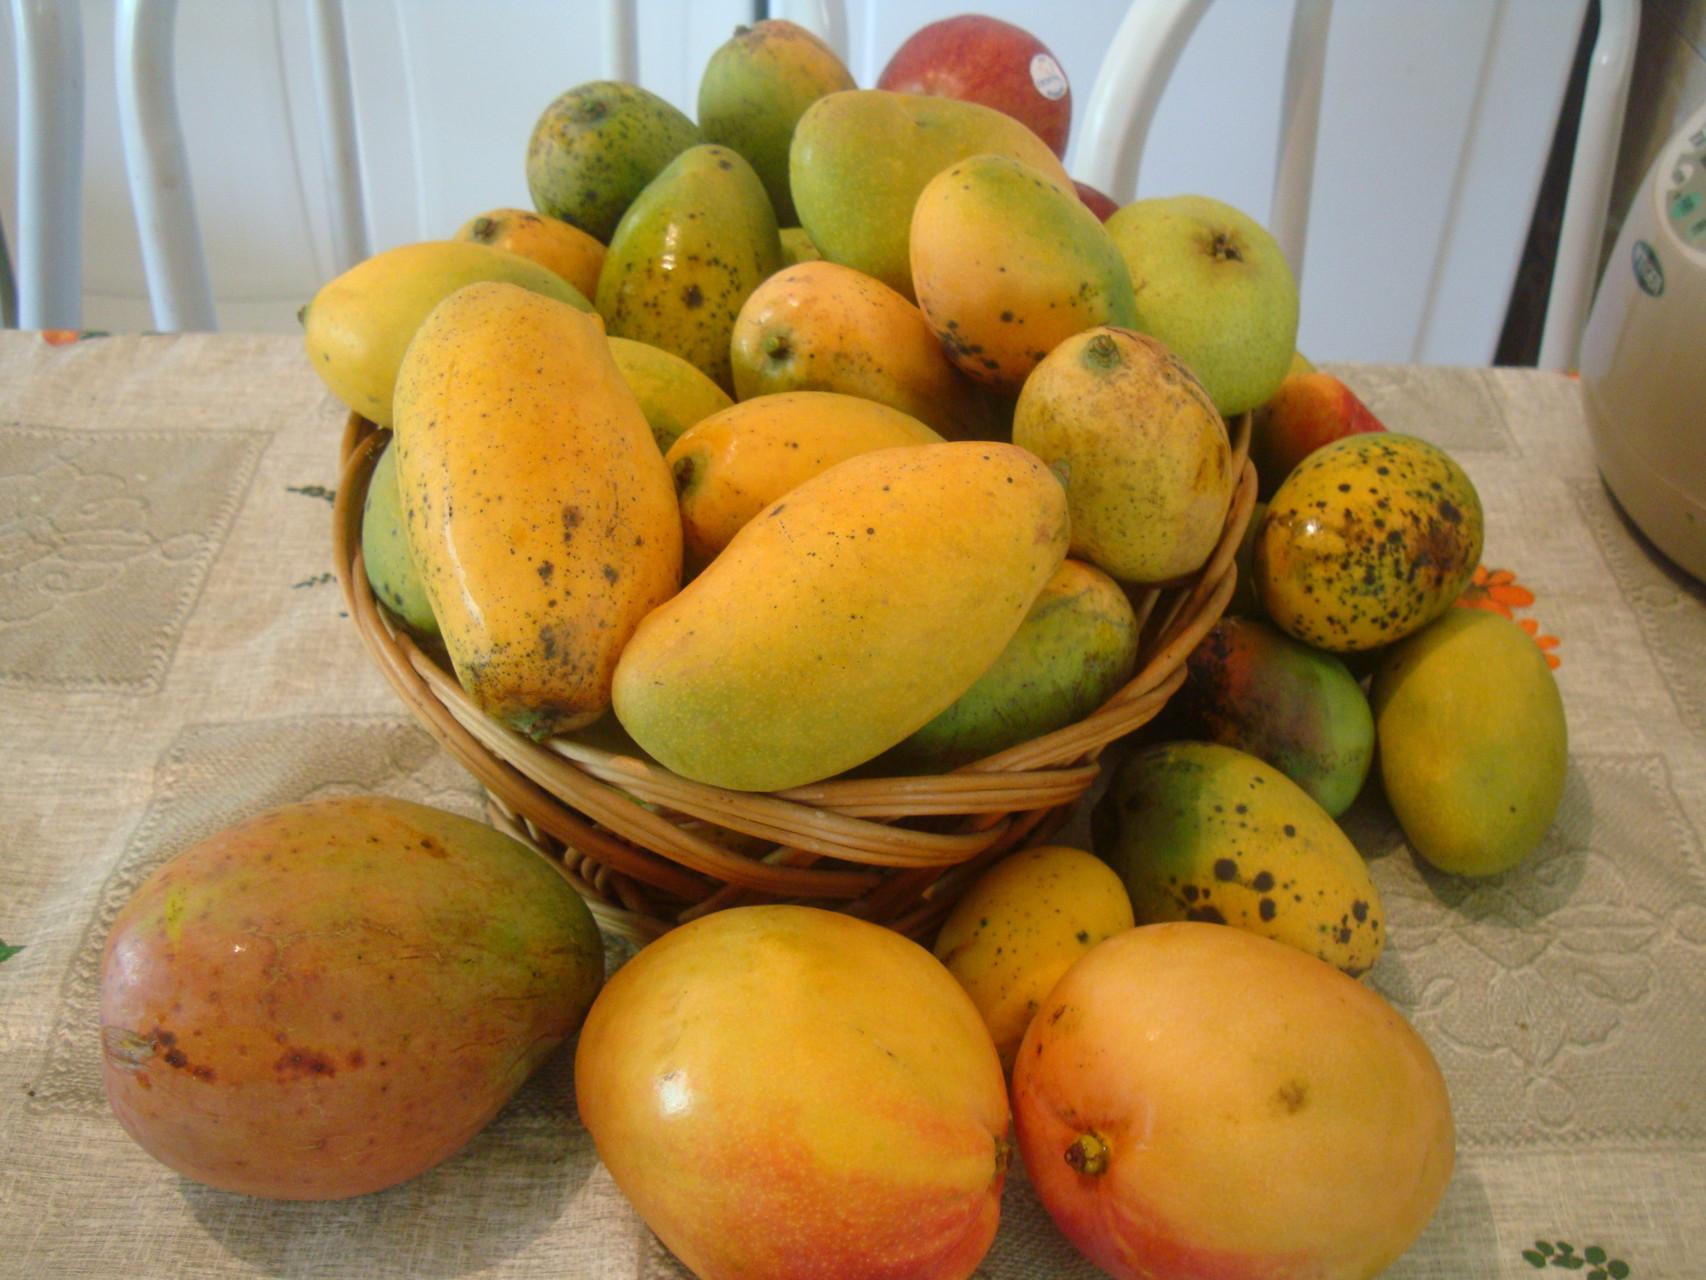 マンゴが沢山採れ、毎日たっぷりいただきました。